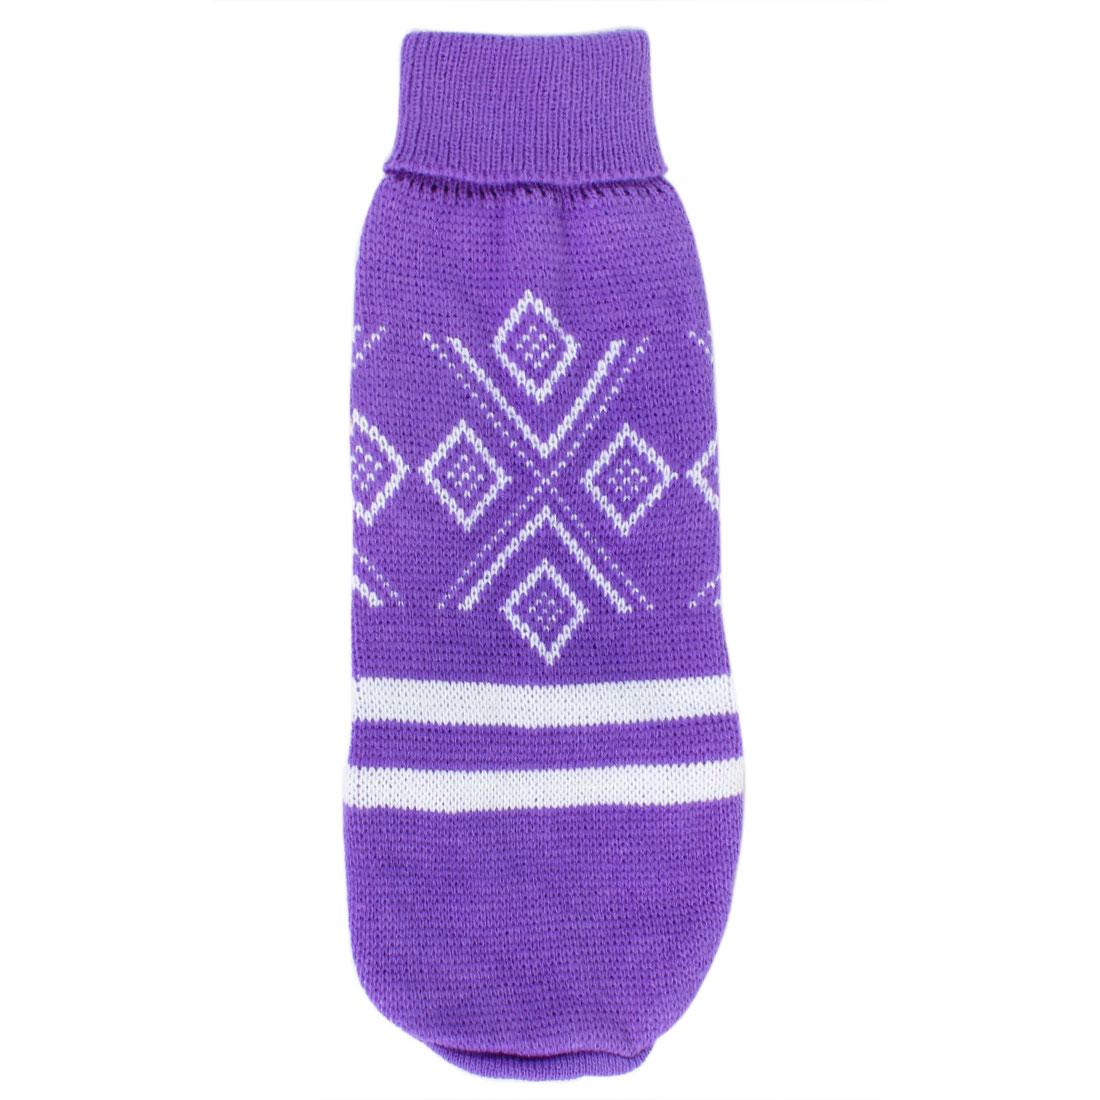 Pet Puppy Rhombus Pattern Turtleneck Warm Apparel Knitwear Sweater Purple Size S